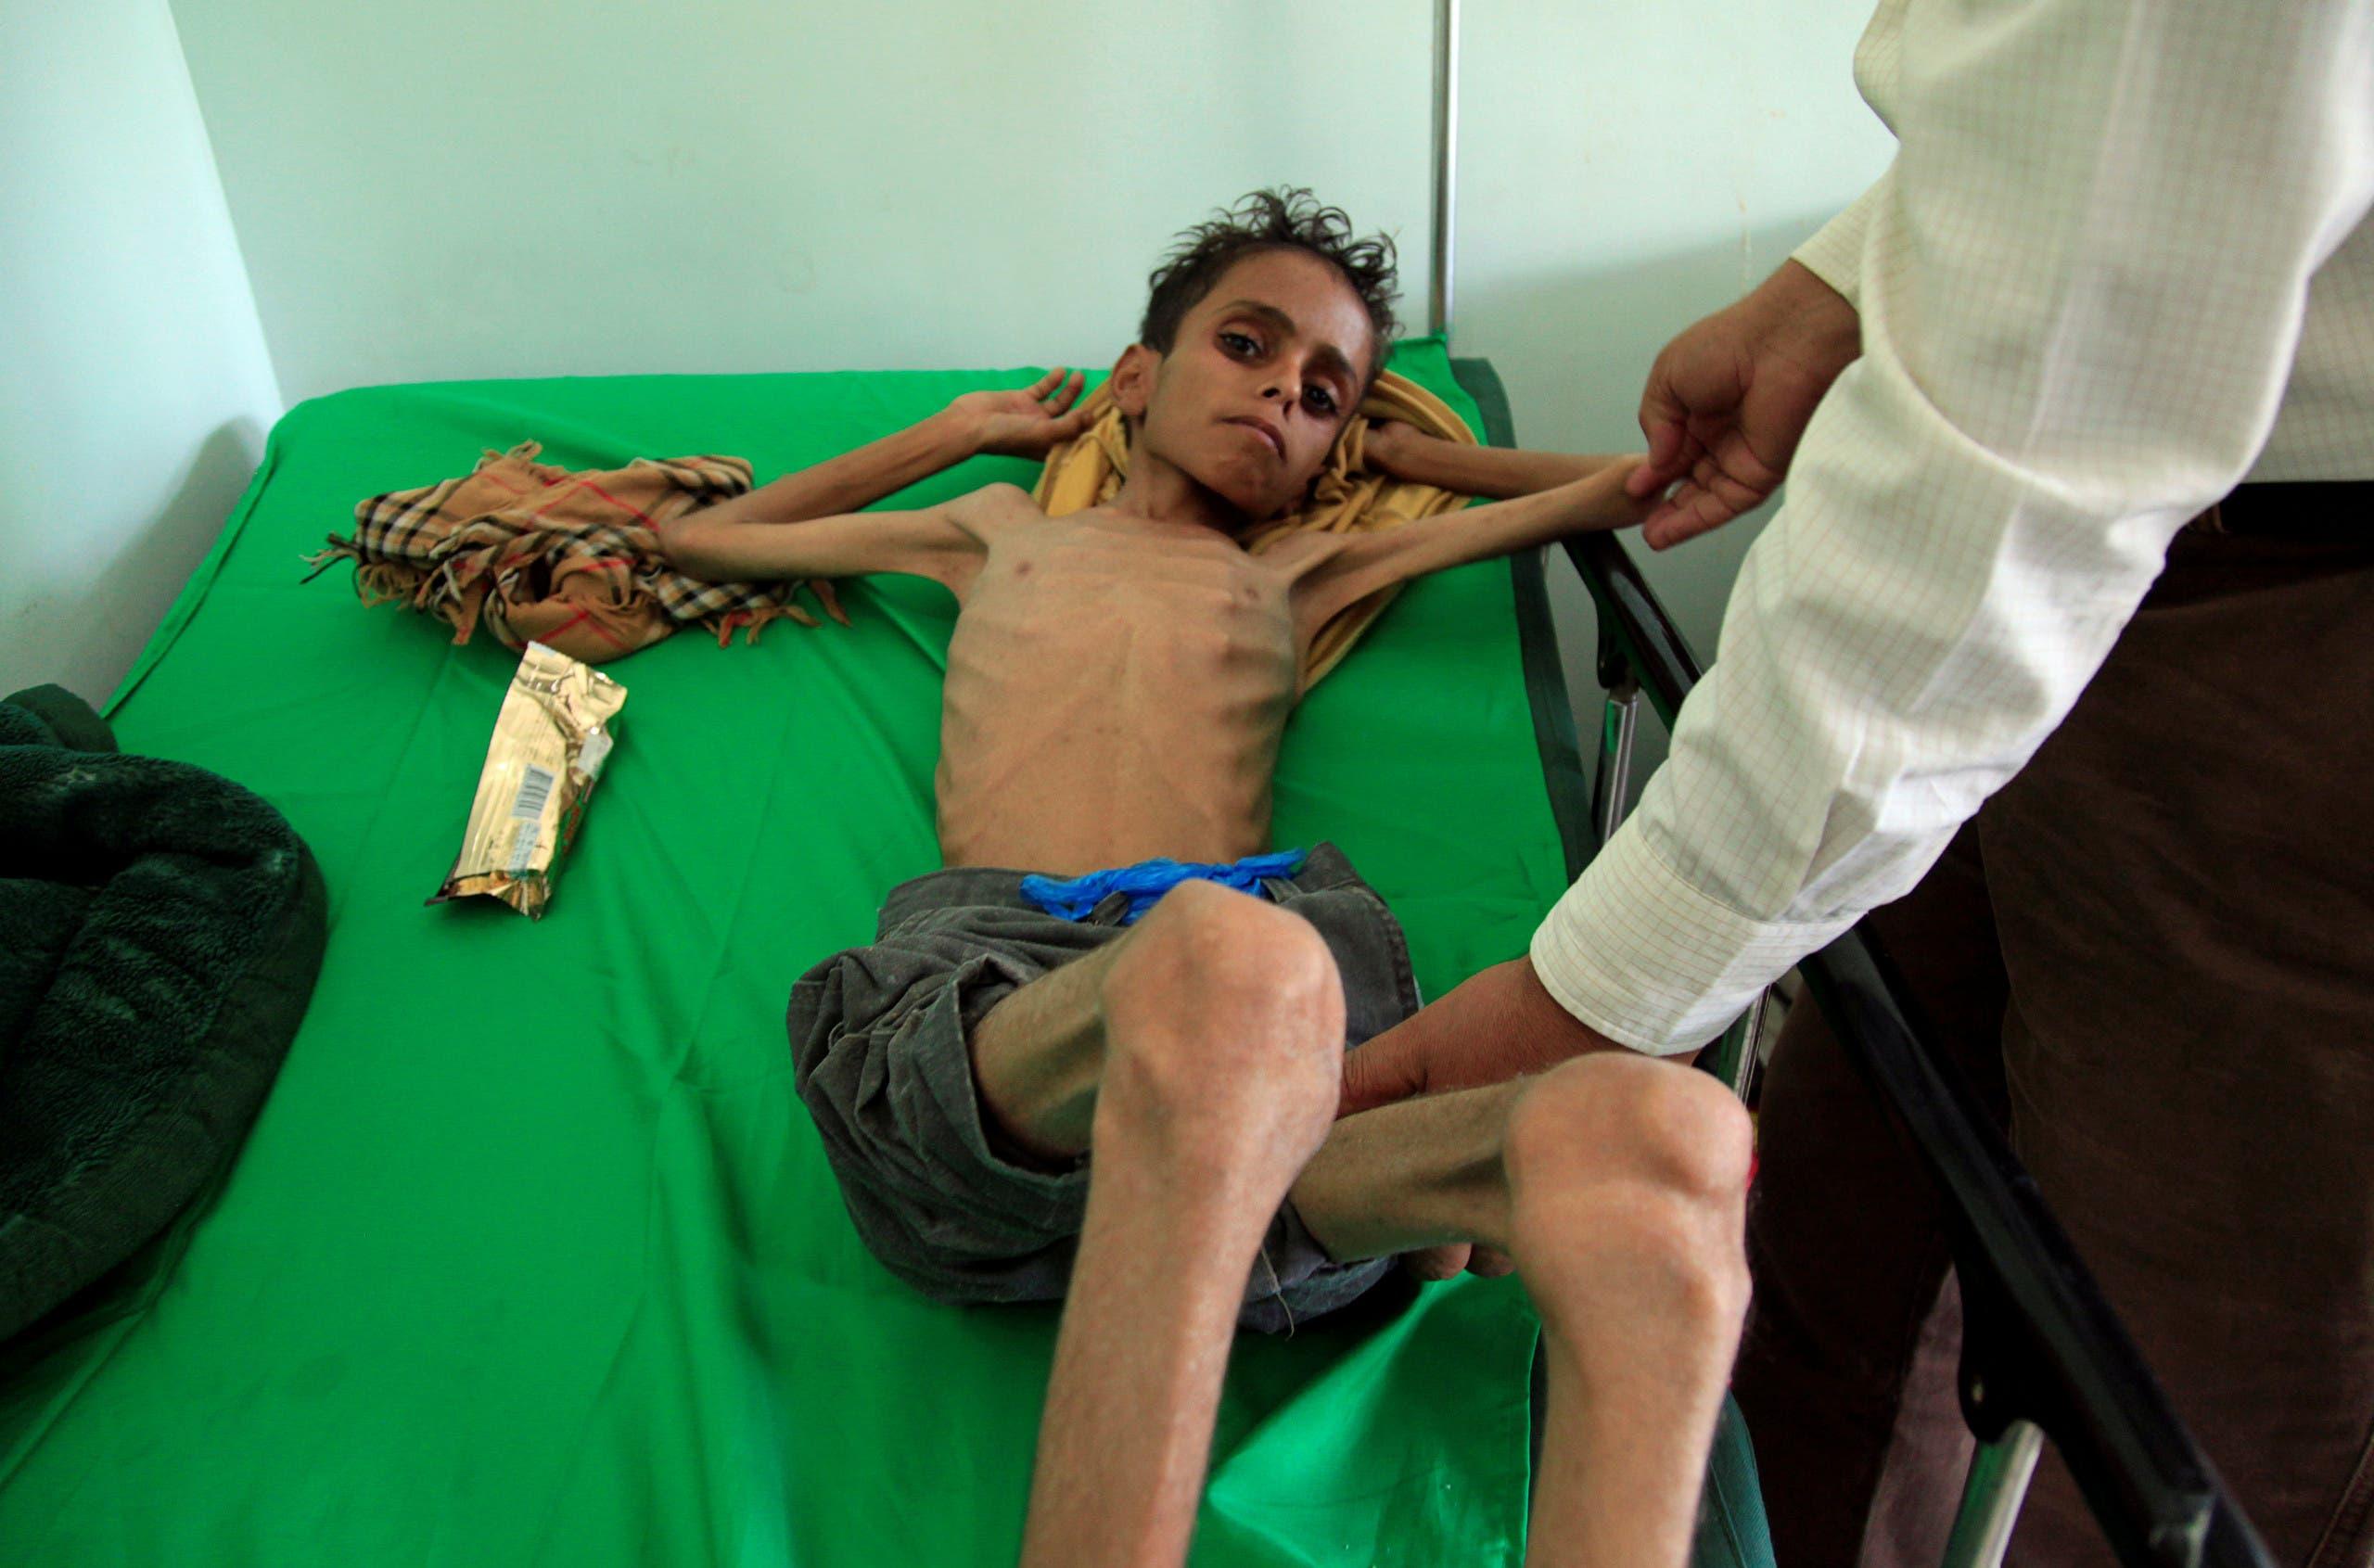 طفل في مستشفى بتعز يعاني من سوء التغذية